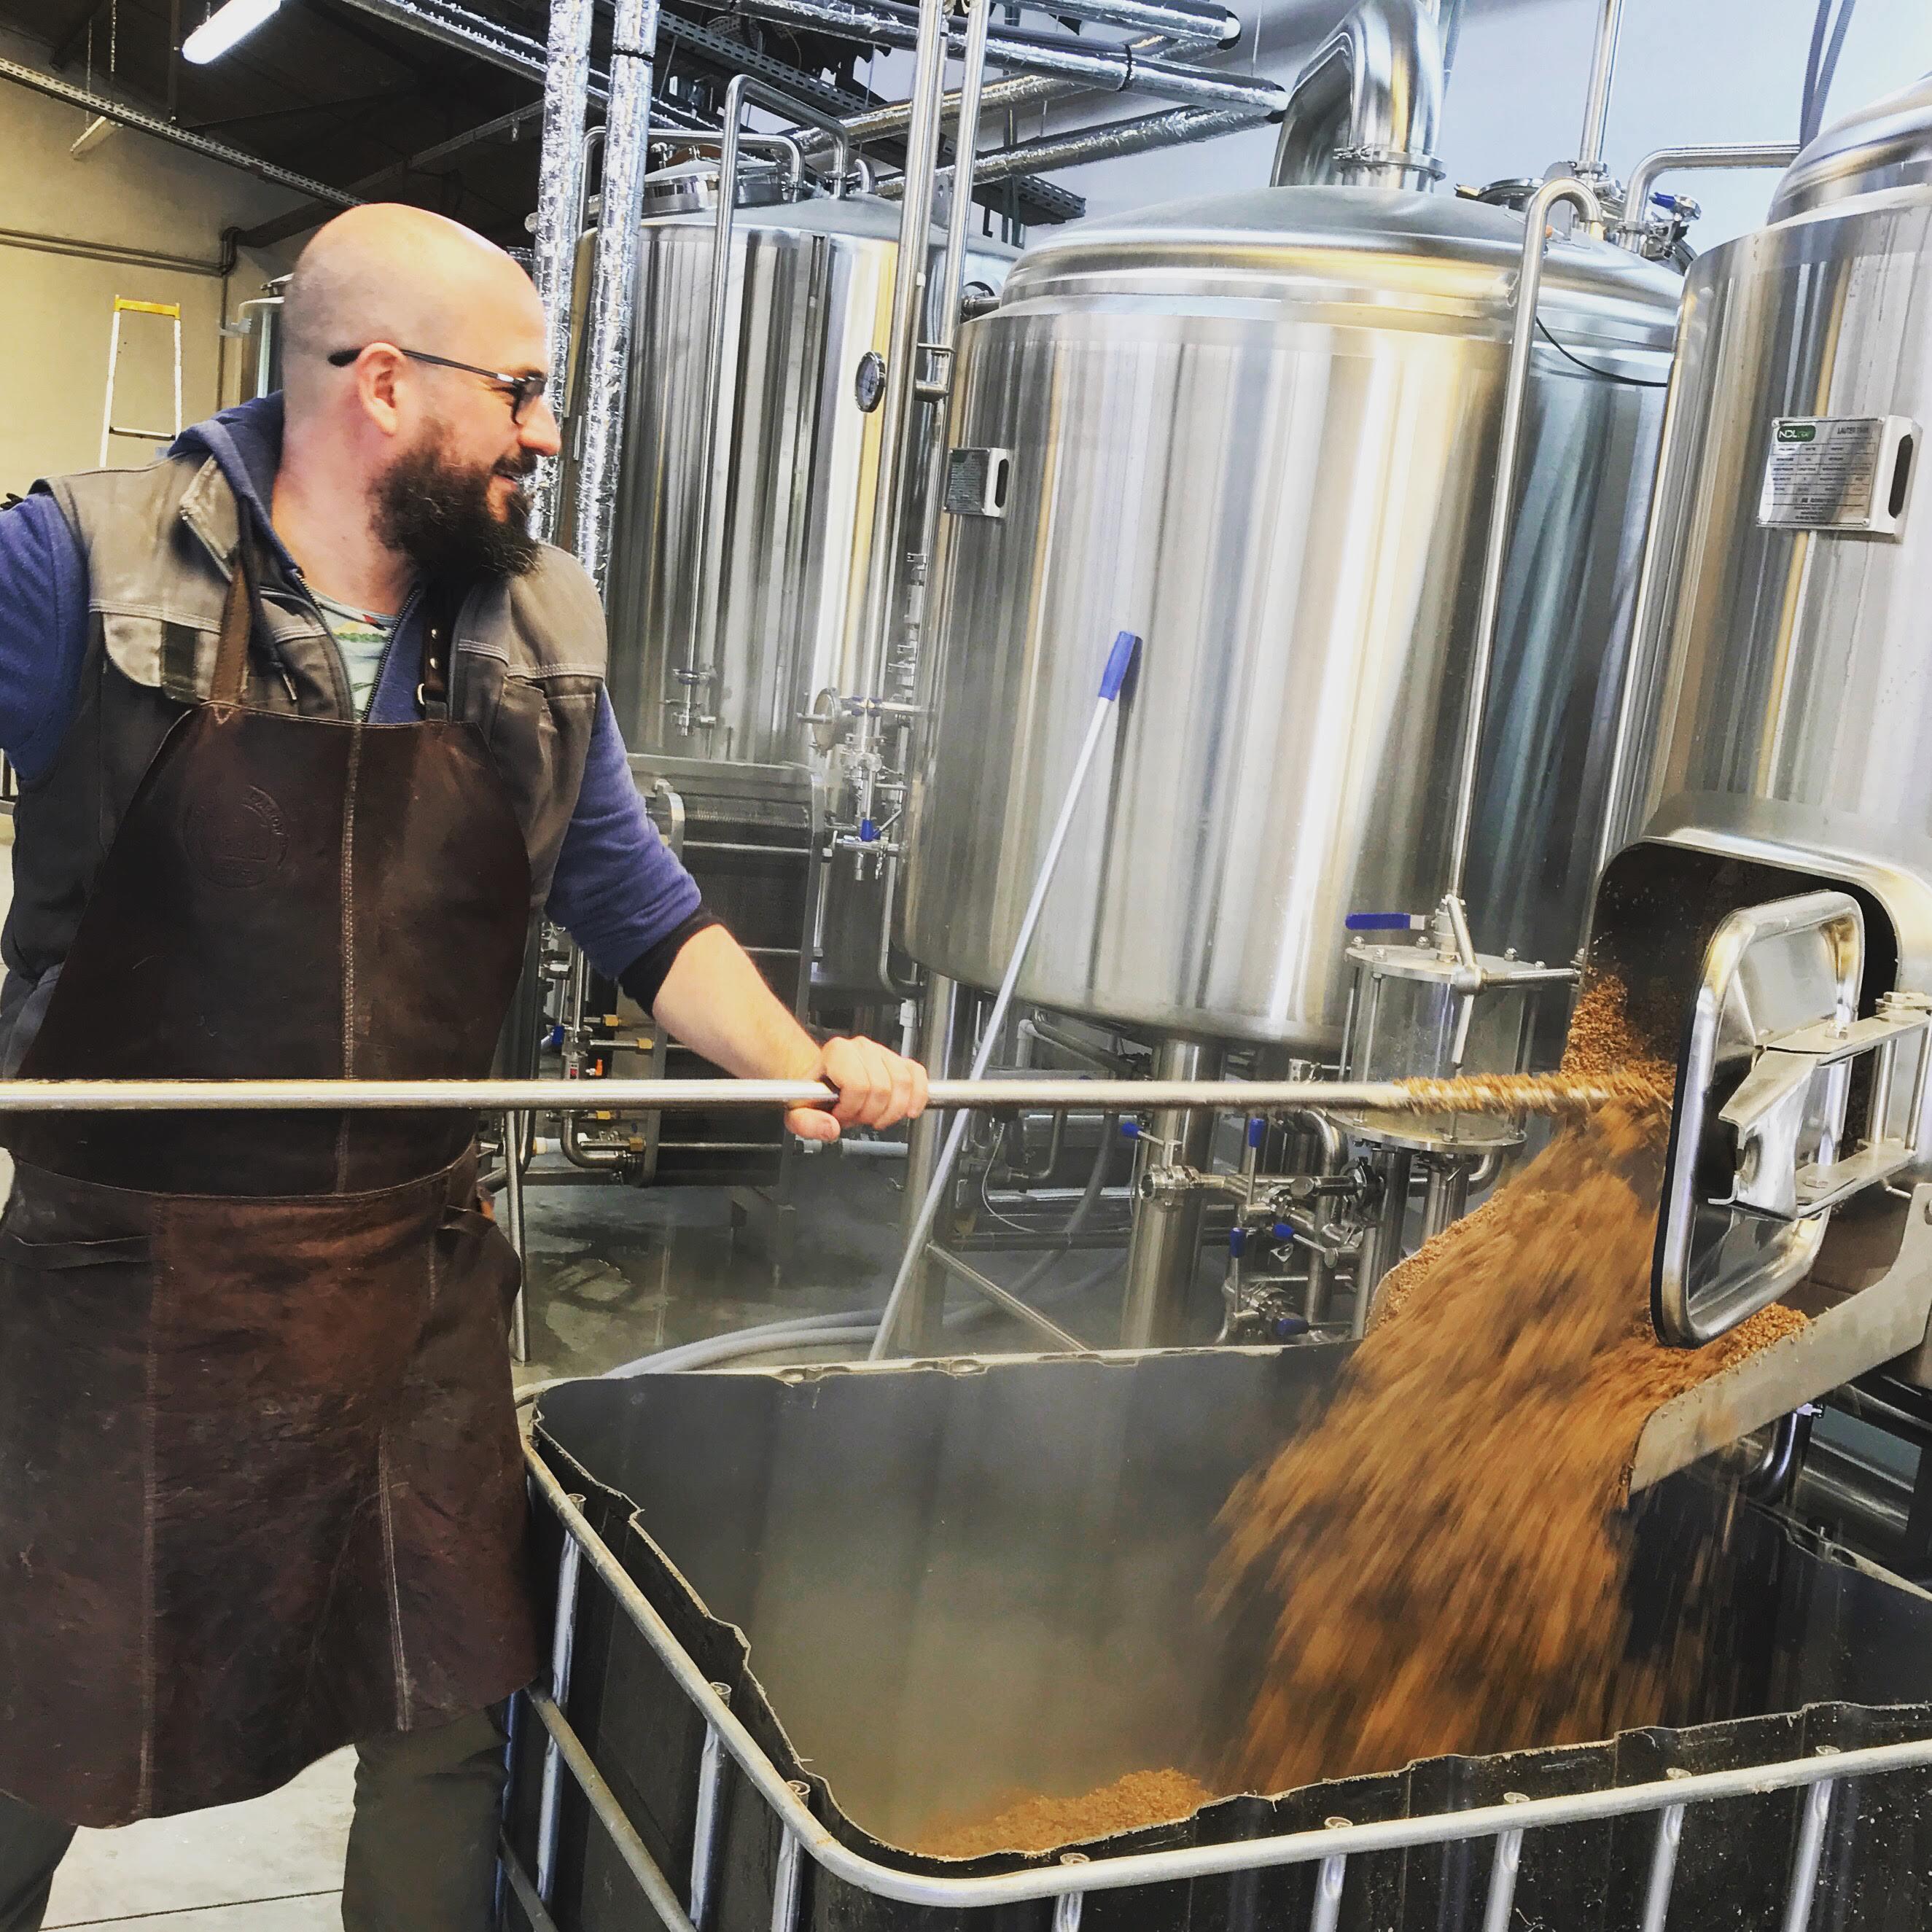 Une nouvelle brasserie artisanale ouvre ses portes à Luçon